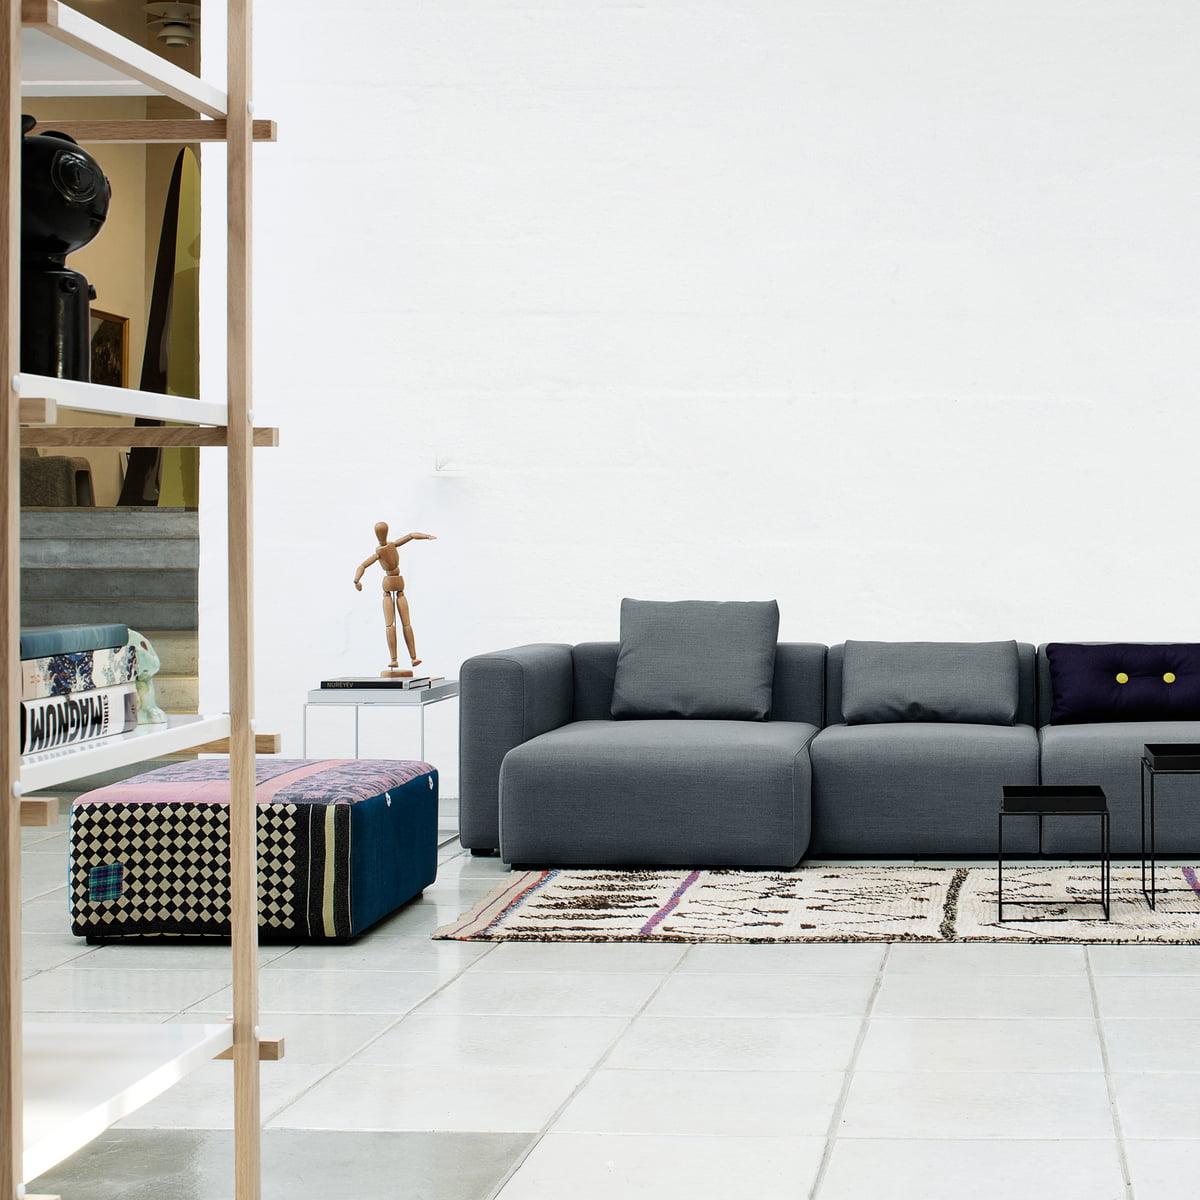 mags sofa 2.5 seater   hay   shop, Hause deko